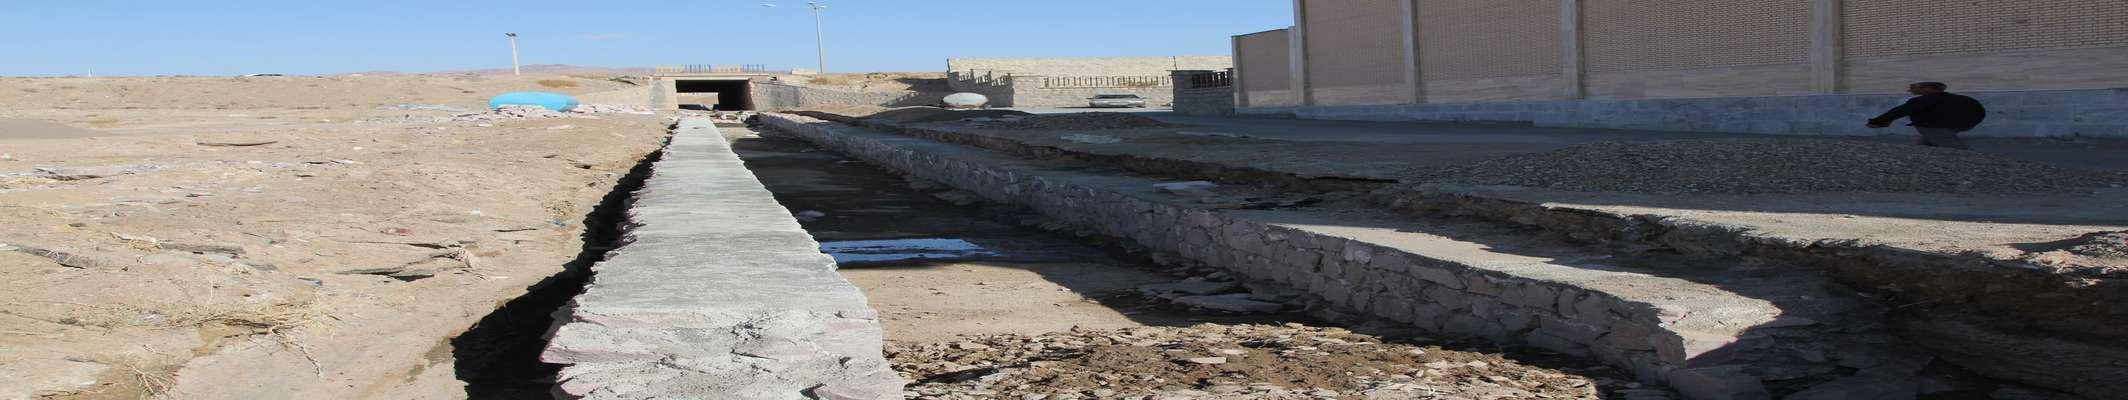 احداث کانال هدایت آب های سطحی در راستای رفع آبگرفتگی معابر